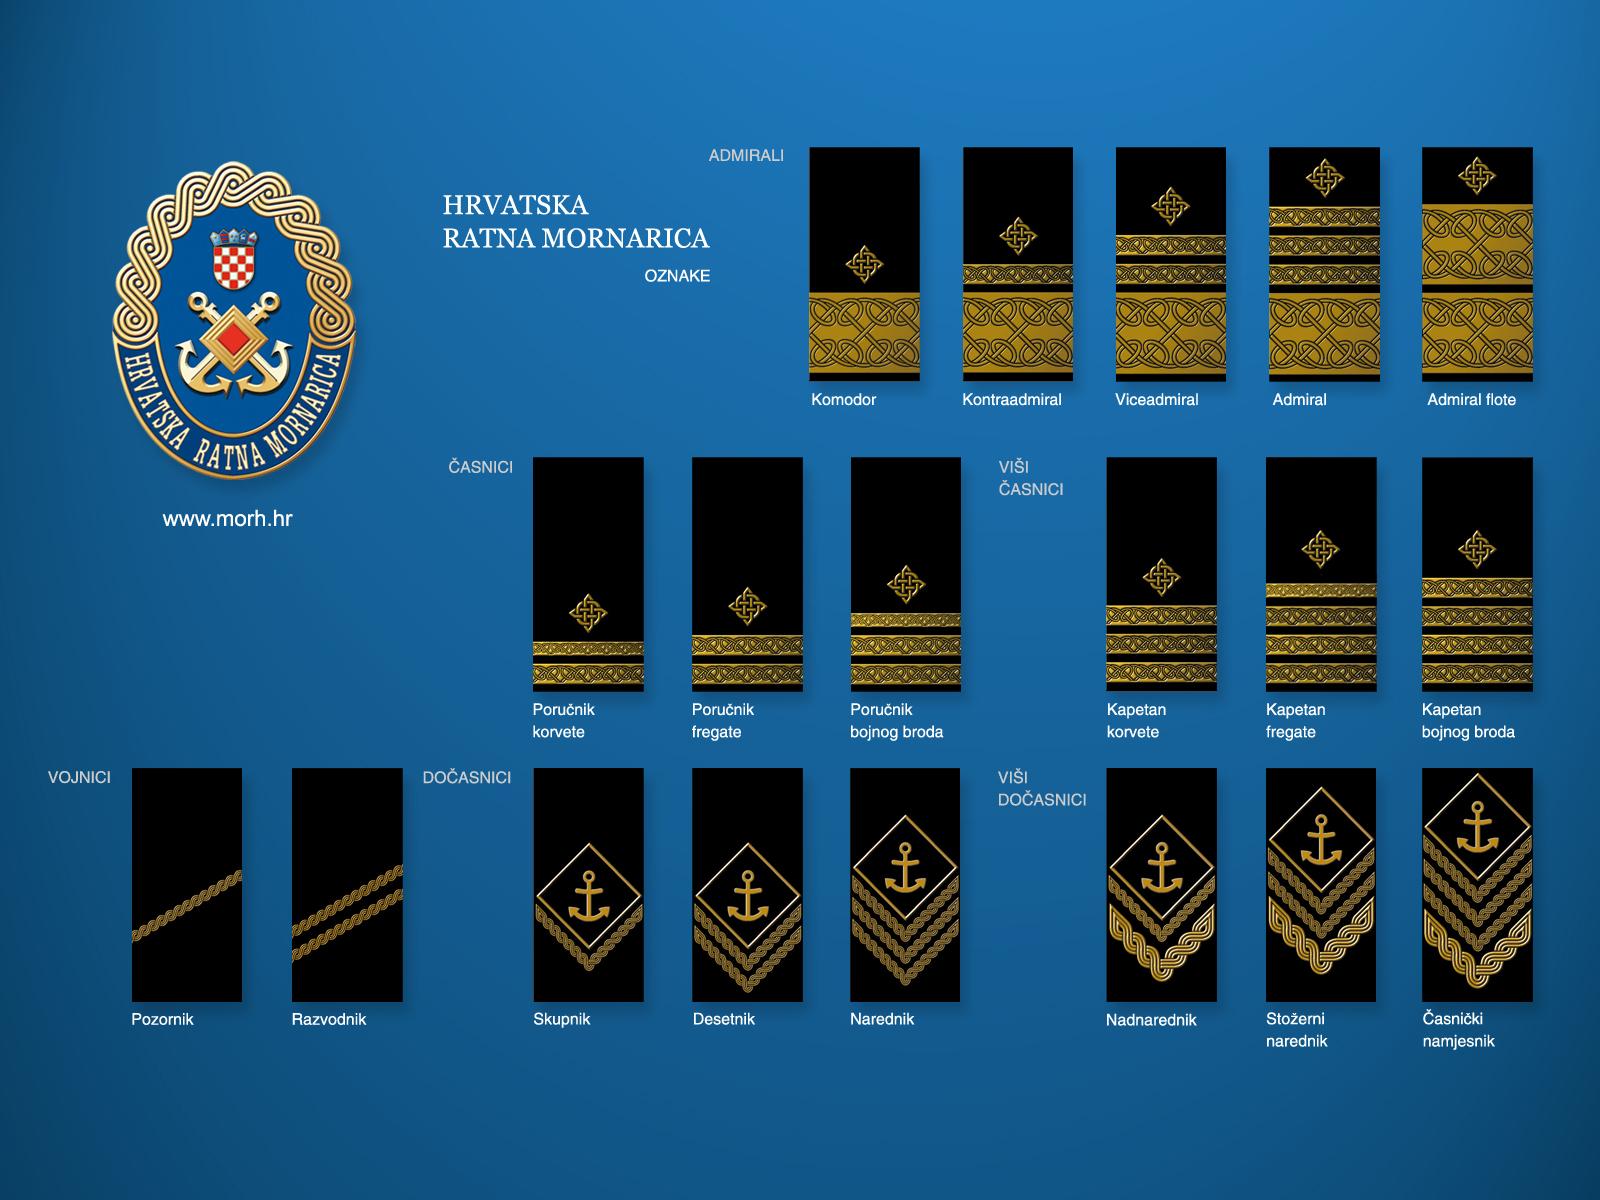 Mornarica činovi 1600 x 1200